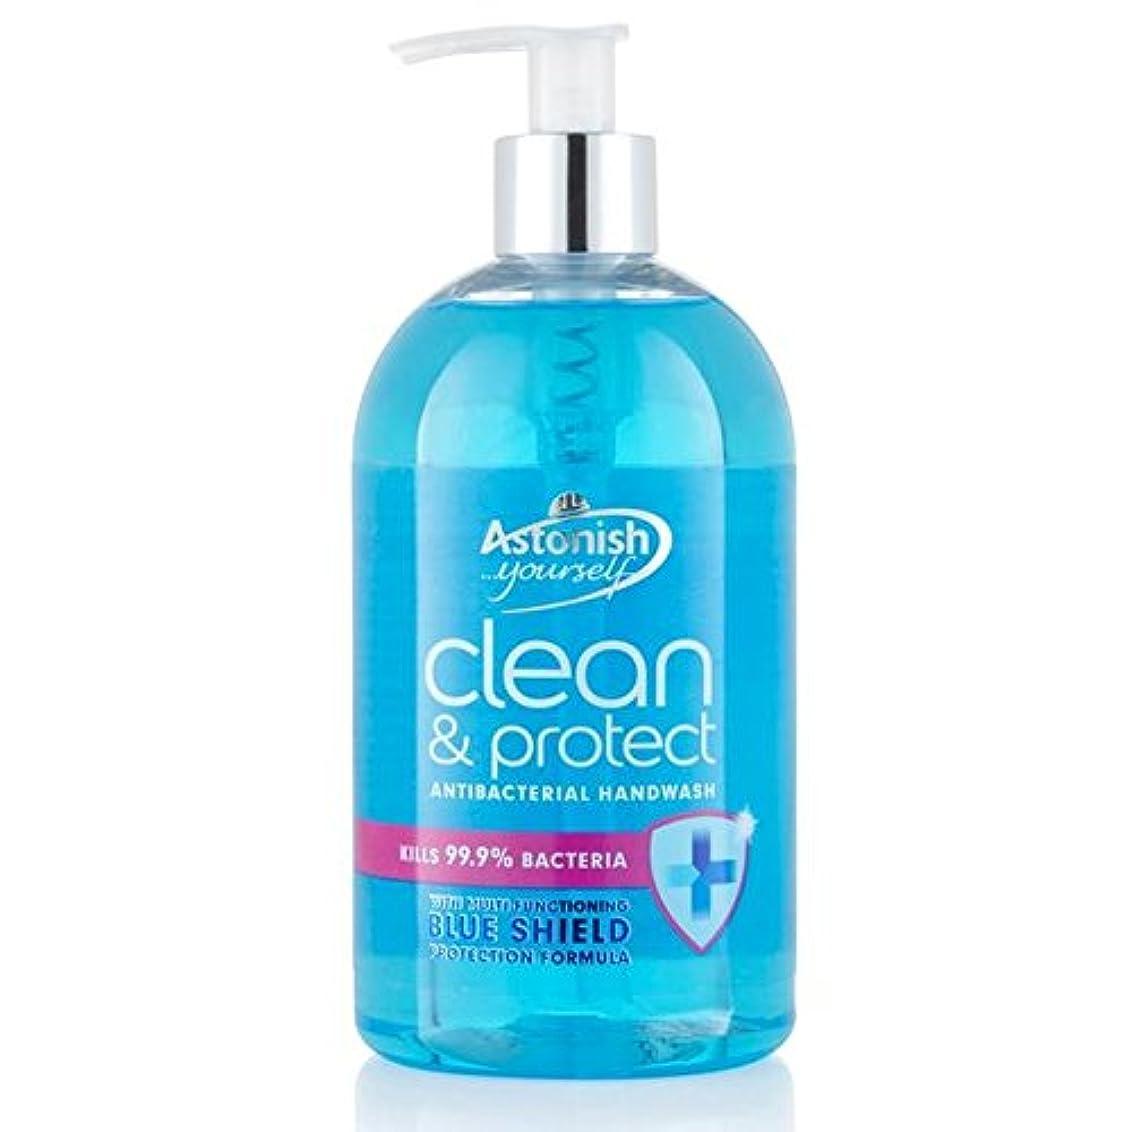 コンテスト判読できない慈善クリーン驚か&ハンドウォッシュ500ミリリットルを保護 x4 - Astonish Clean & Protect Hand Wash 500ml (Pack of 4) [並行輸入品]